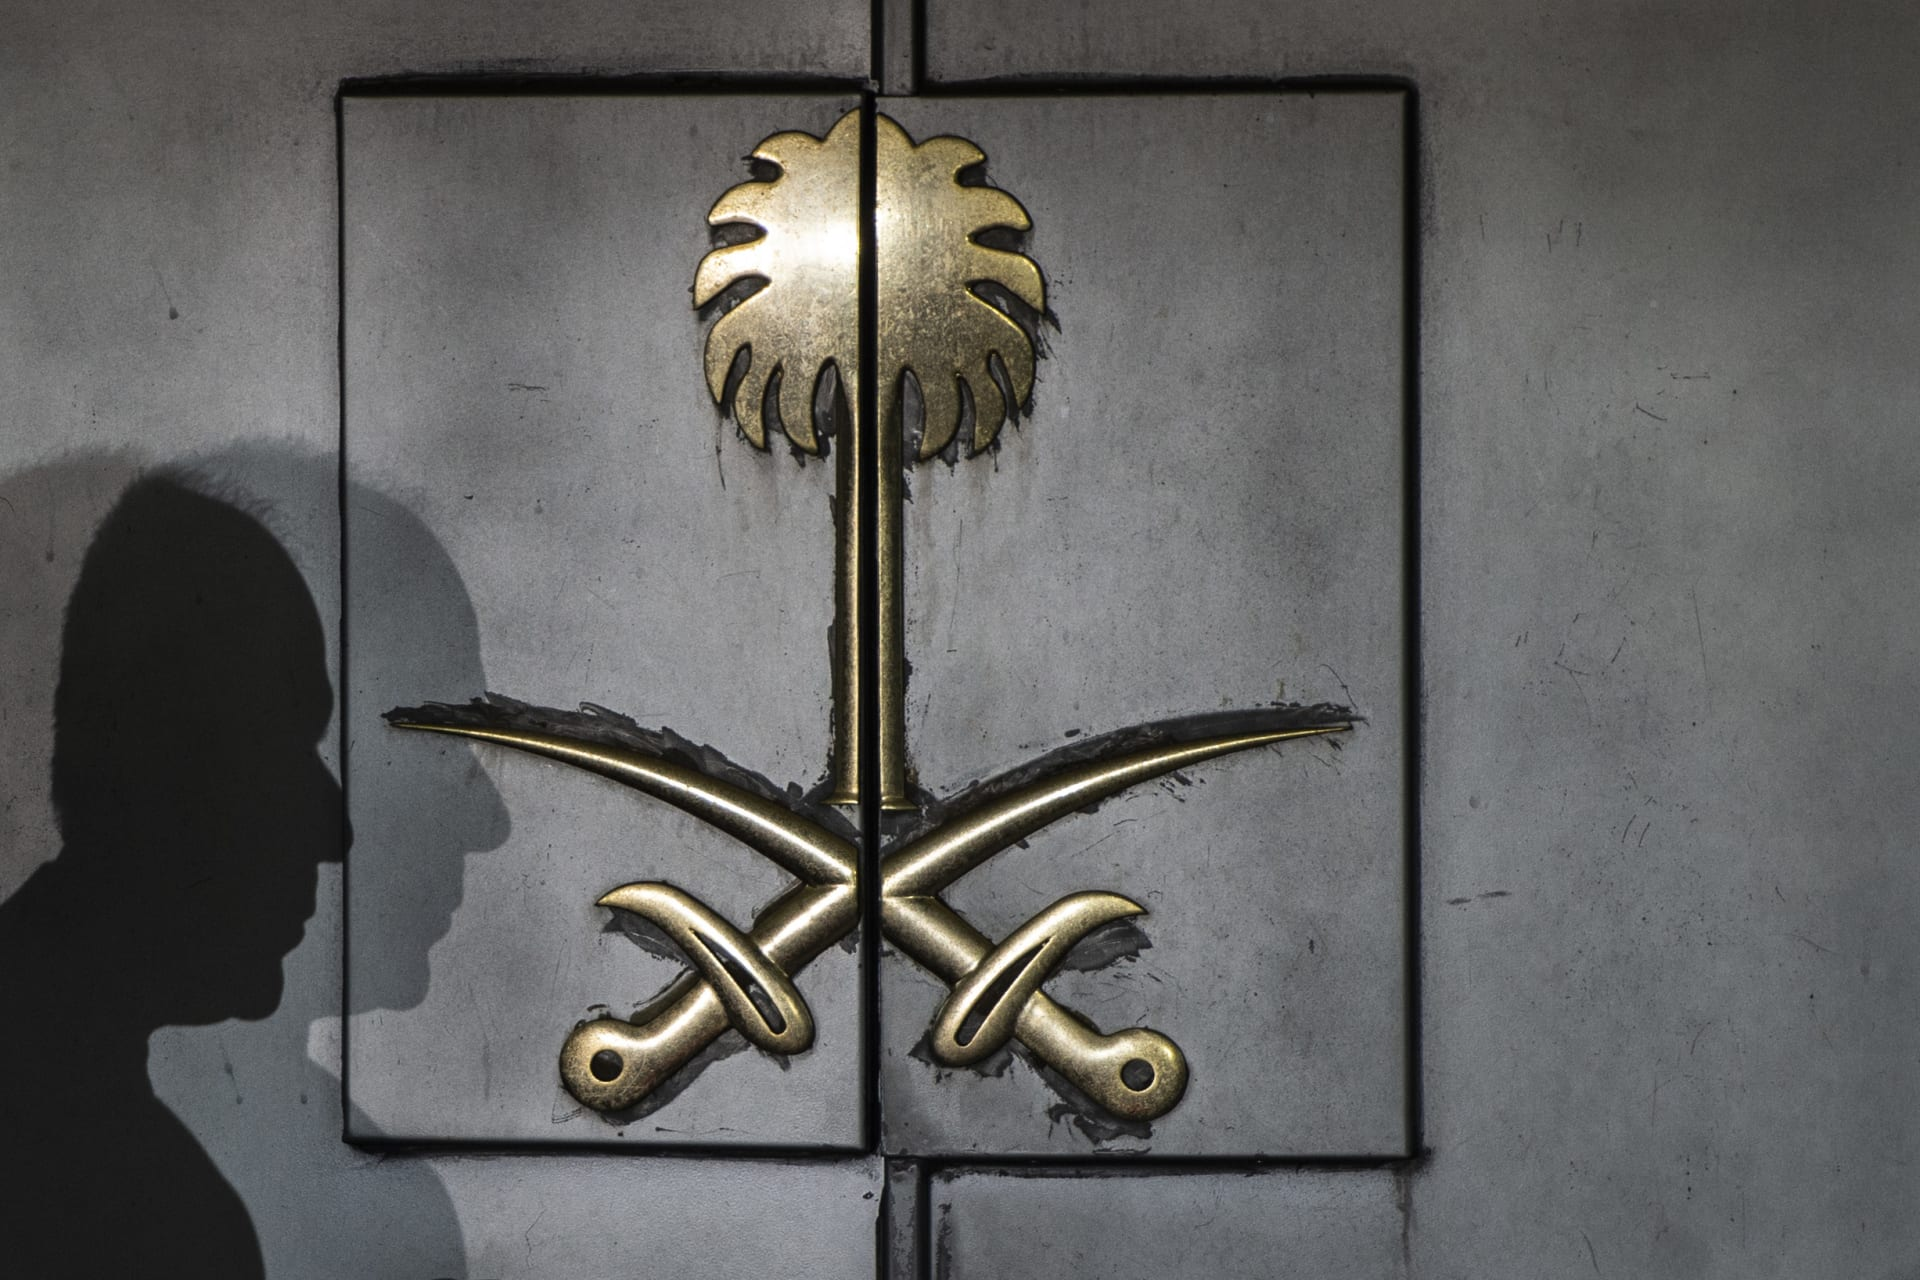 السعودية.. أمن الدولة يُعلن مقتل عبدالرحيم الحويطي أثناء مهام القبض عليه